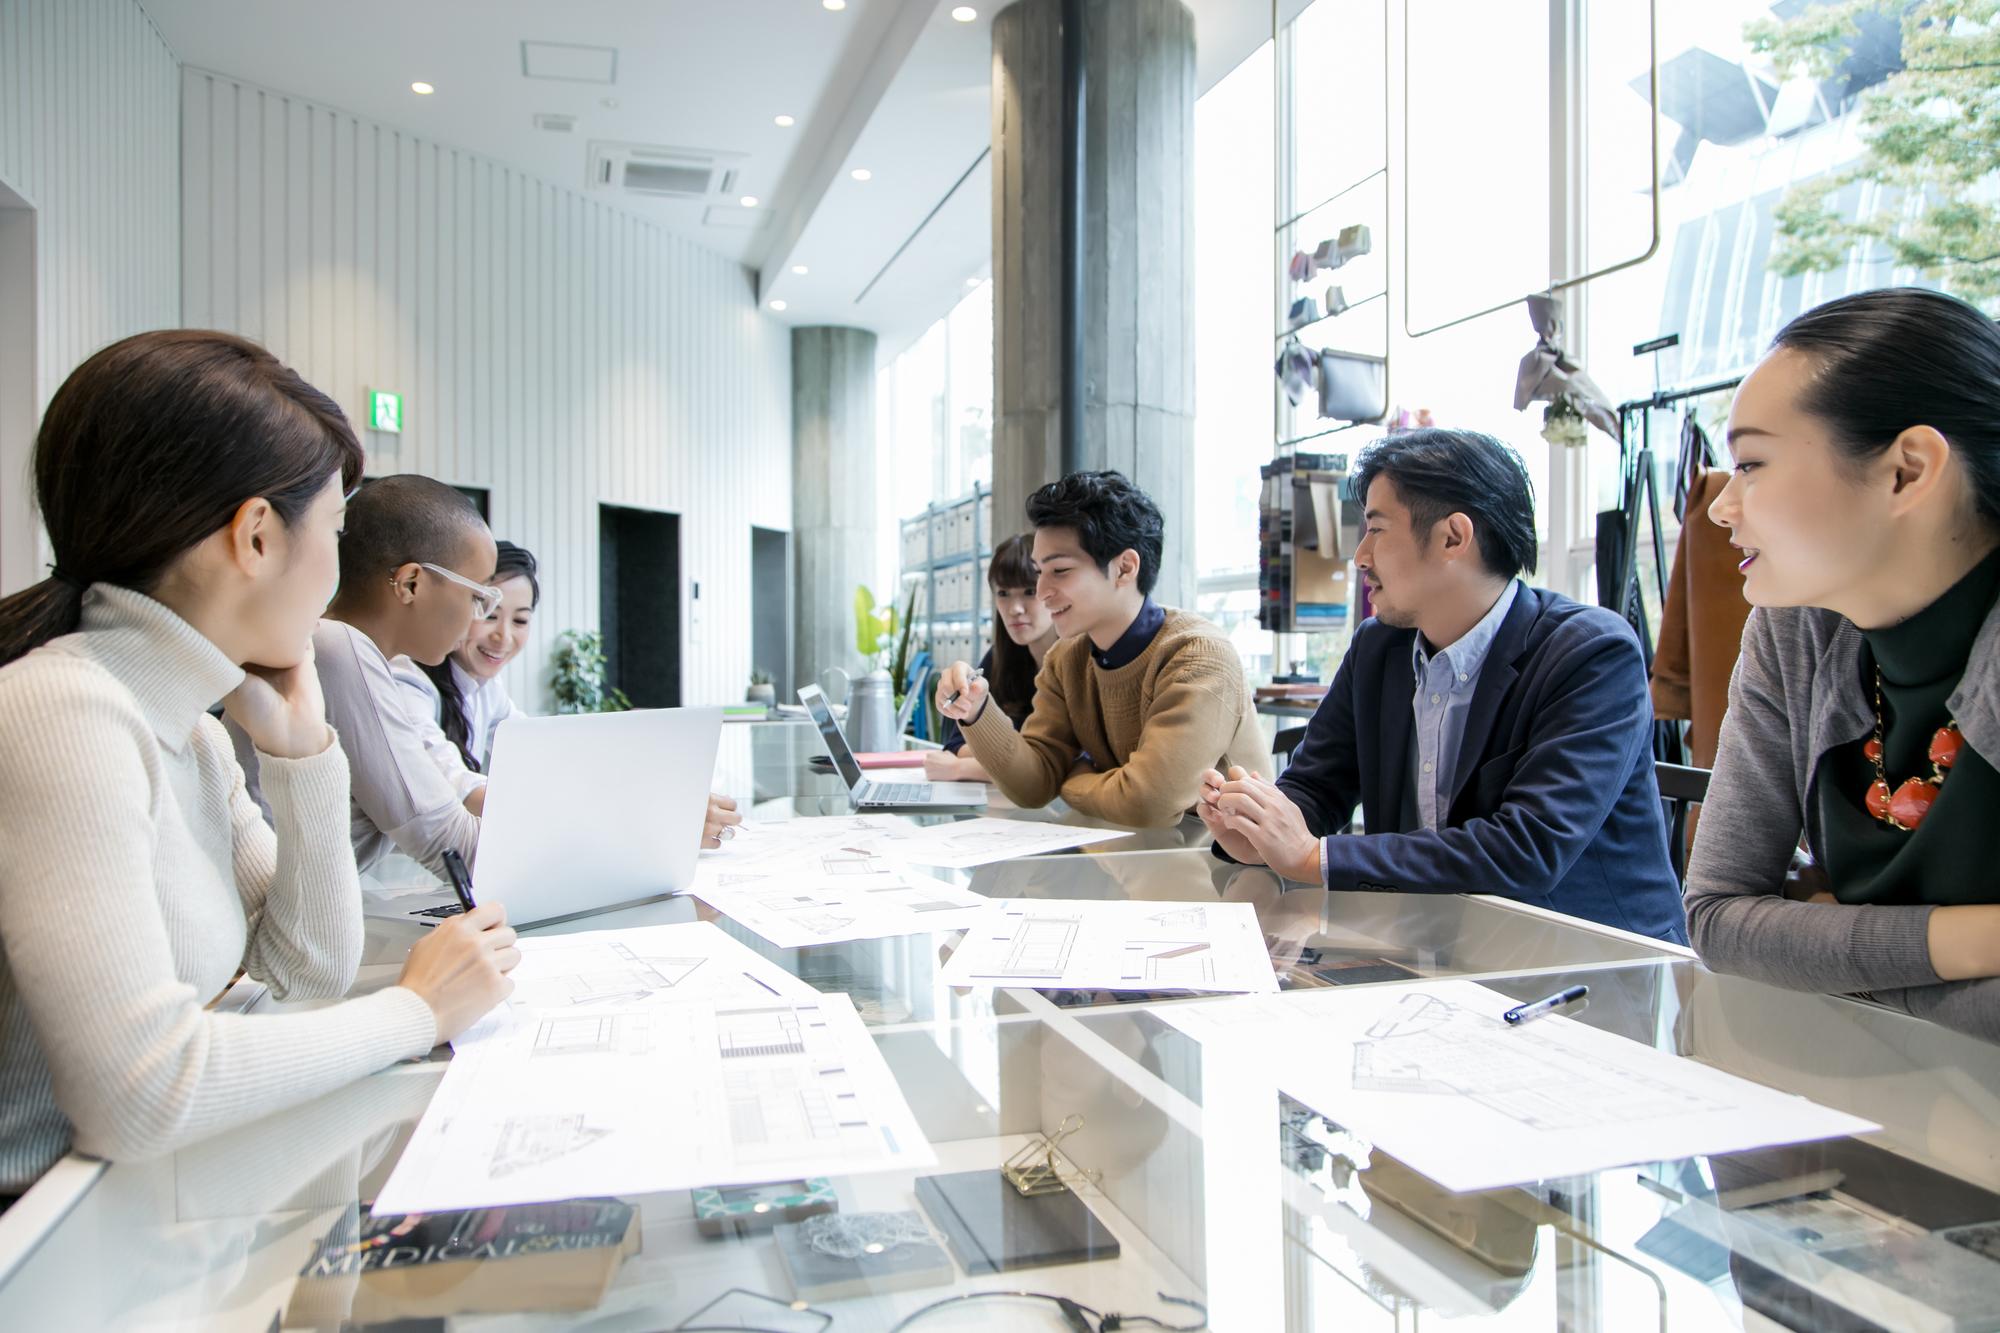 1人でビジネスをしている人は他人の仕事をしてみることがおすすめです!